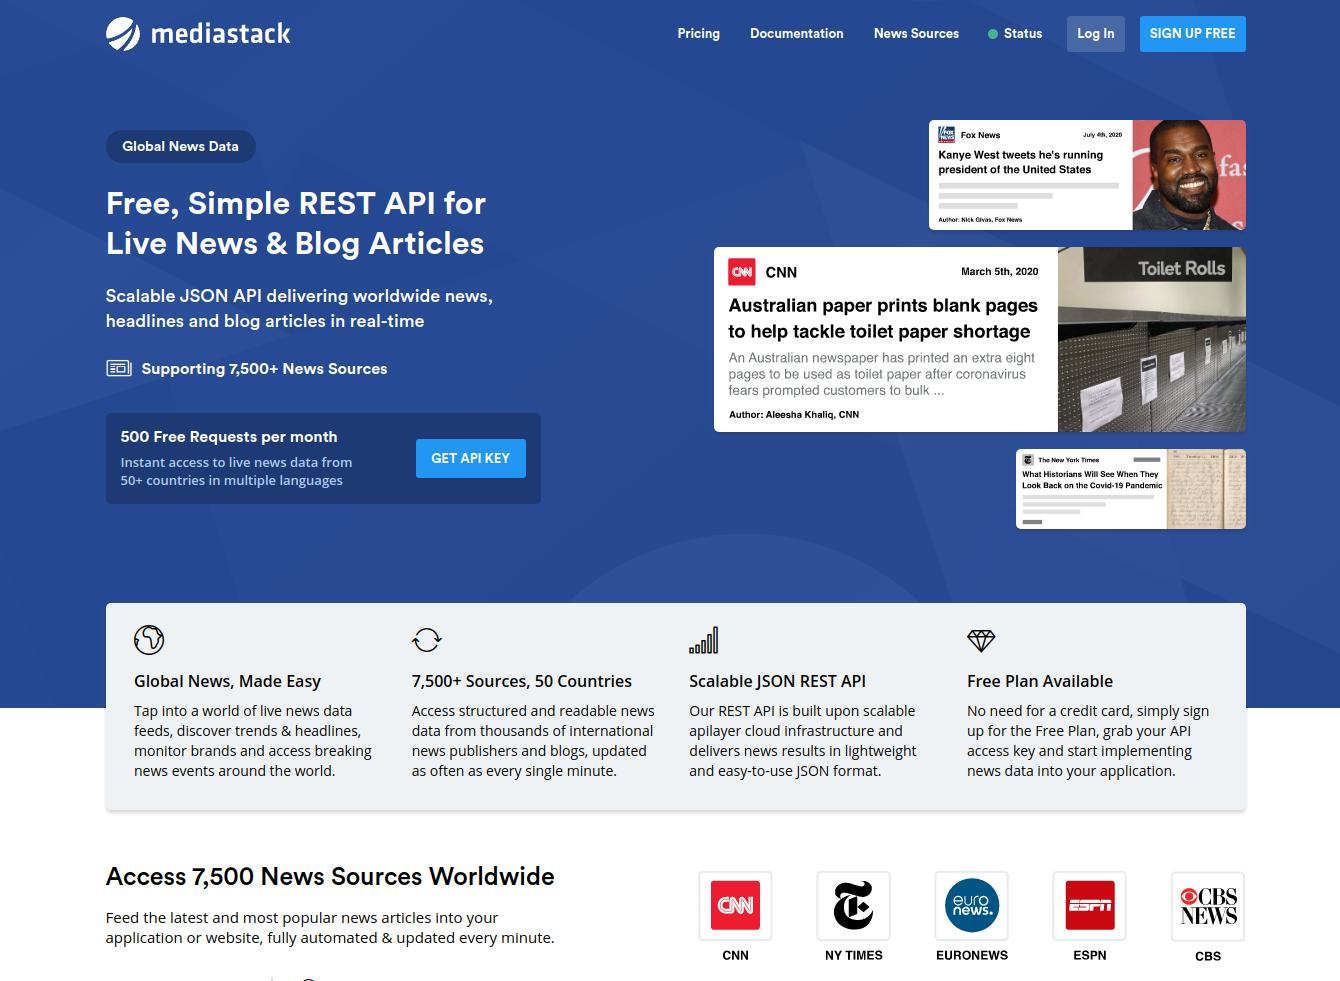 mediastack homepage